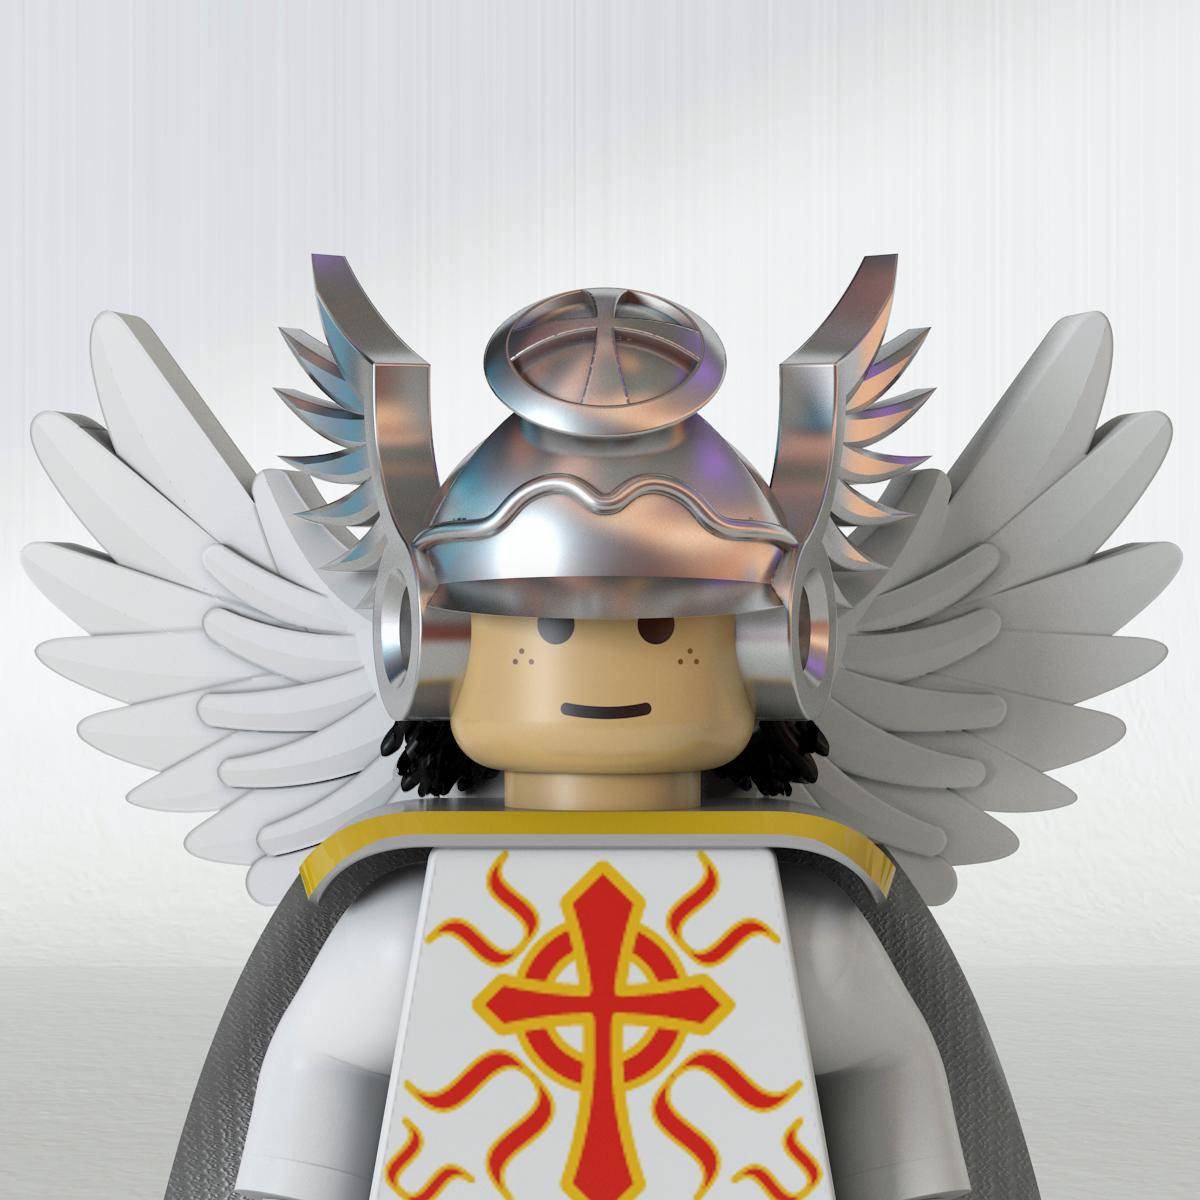 arcangel-frontal-lego-by-lau-toyosato